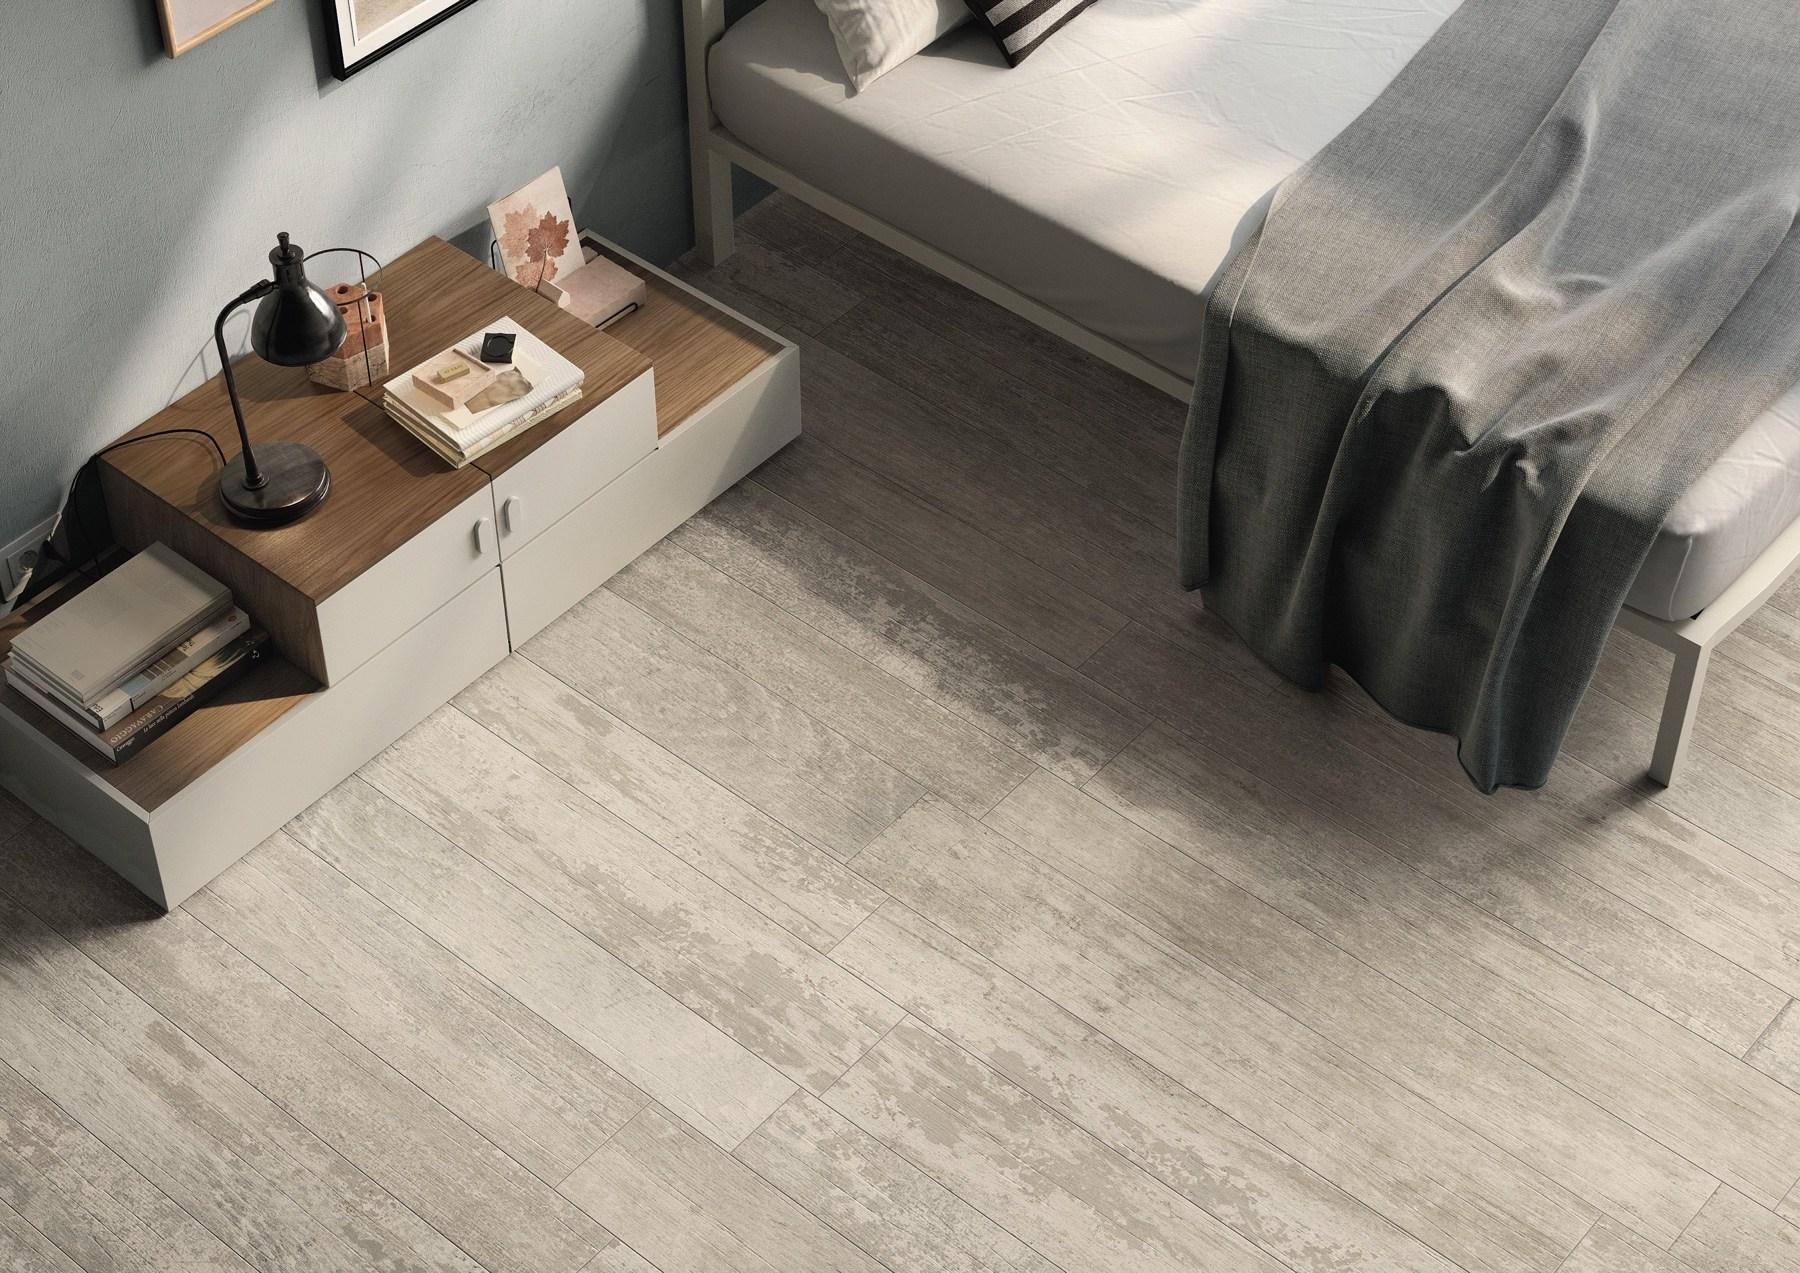 Rivestimenti Scale Interne Gres Porcellanato casalgrande padana antique wood pavimento/rivestimento in